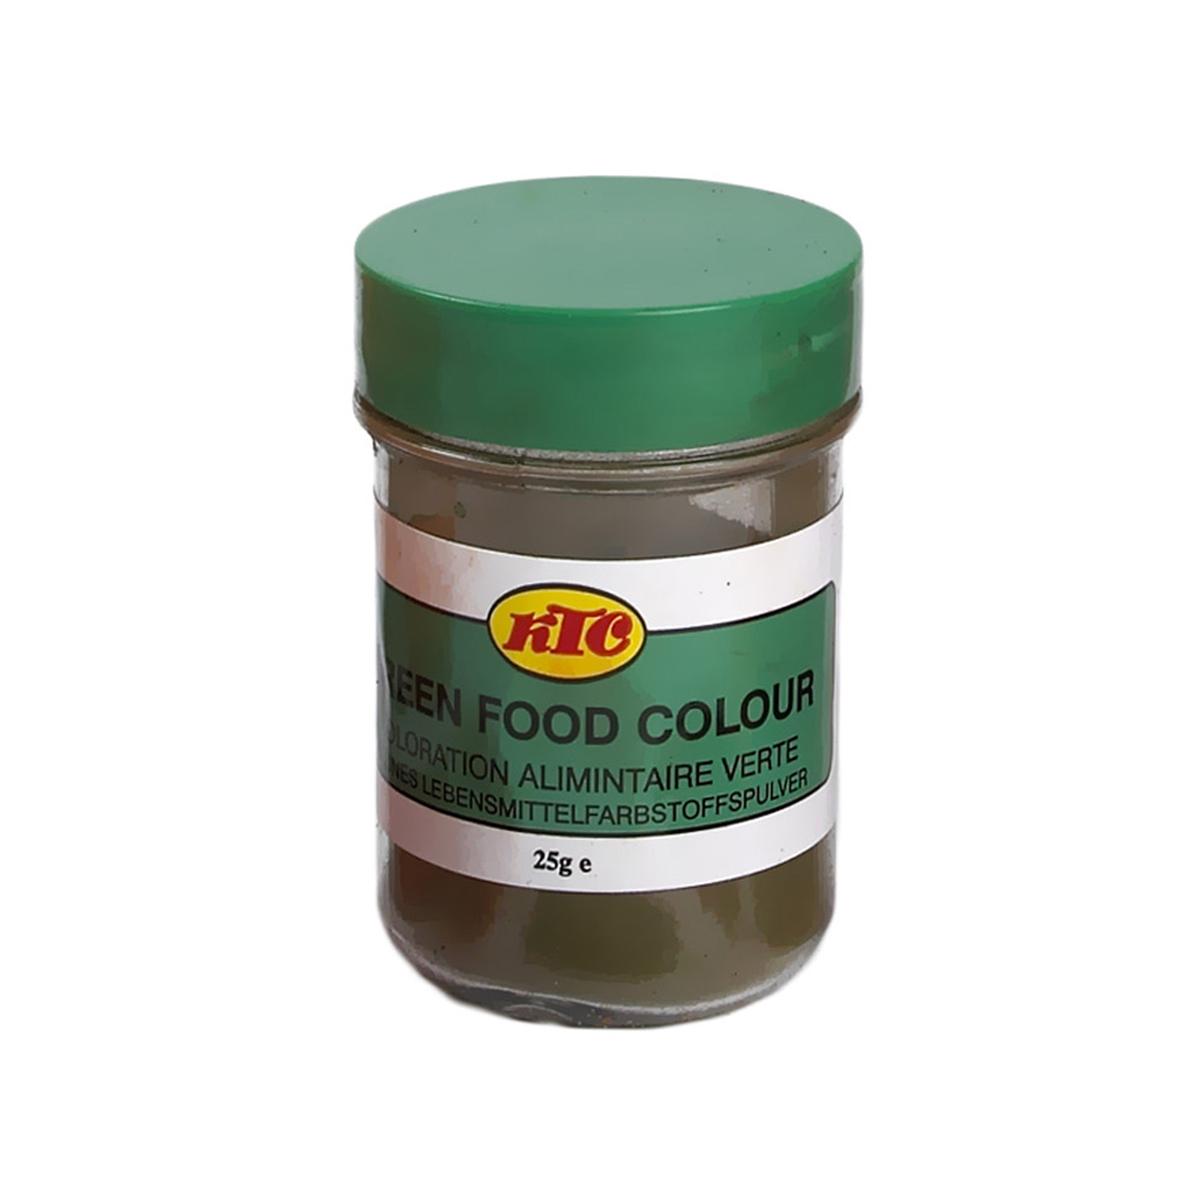 KTC Hot & Spicy Chicken Fry Mix 700g